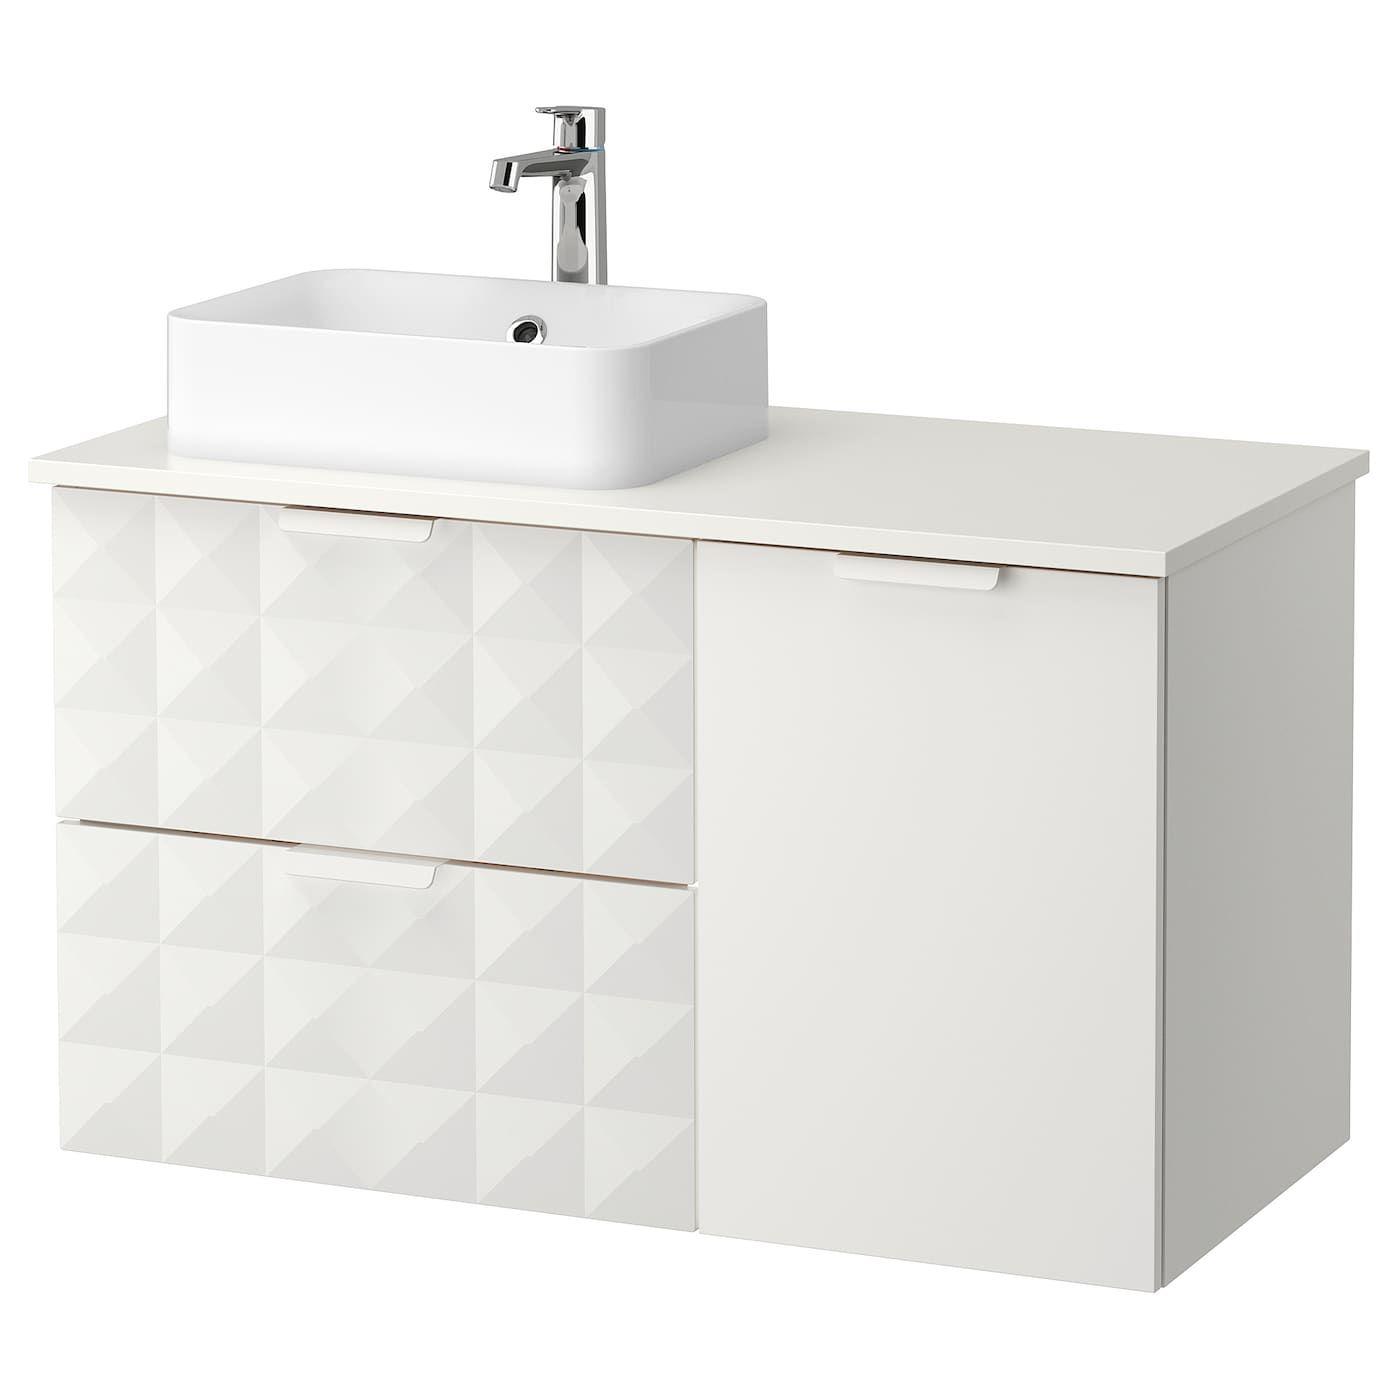 Ikea Godmorgon Tolken Horvik Waschbschr Waschb 45x32 Resjon Weiss Weiss Brogrund Mischbatt In 2020 Badezimmer Unterschrank Badezimmer Unterschrank Ikea Unterschrank